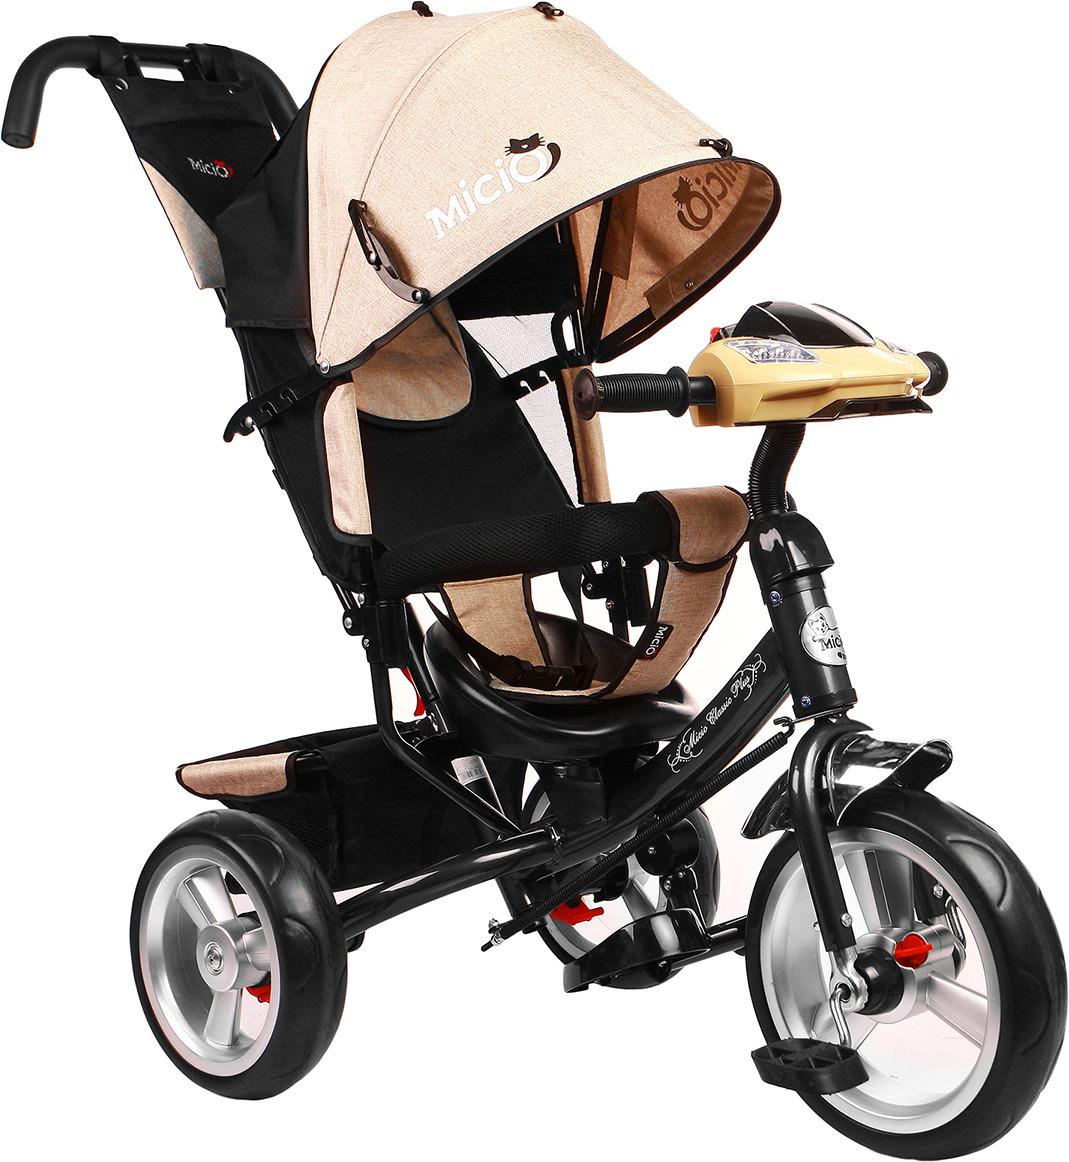 Велосипед трехколесный детский Micio Classic Plus 2019, 3871485, бежевый